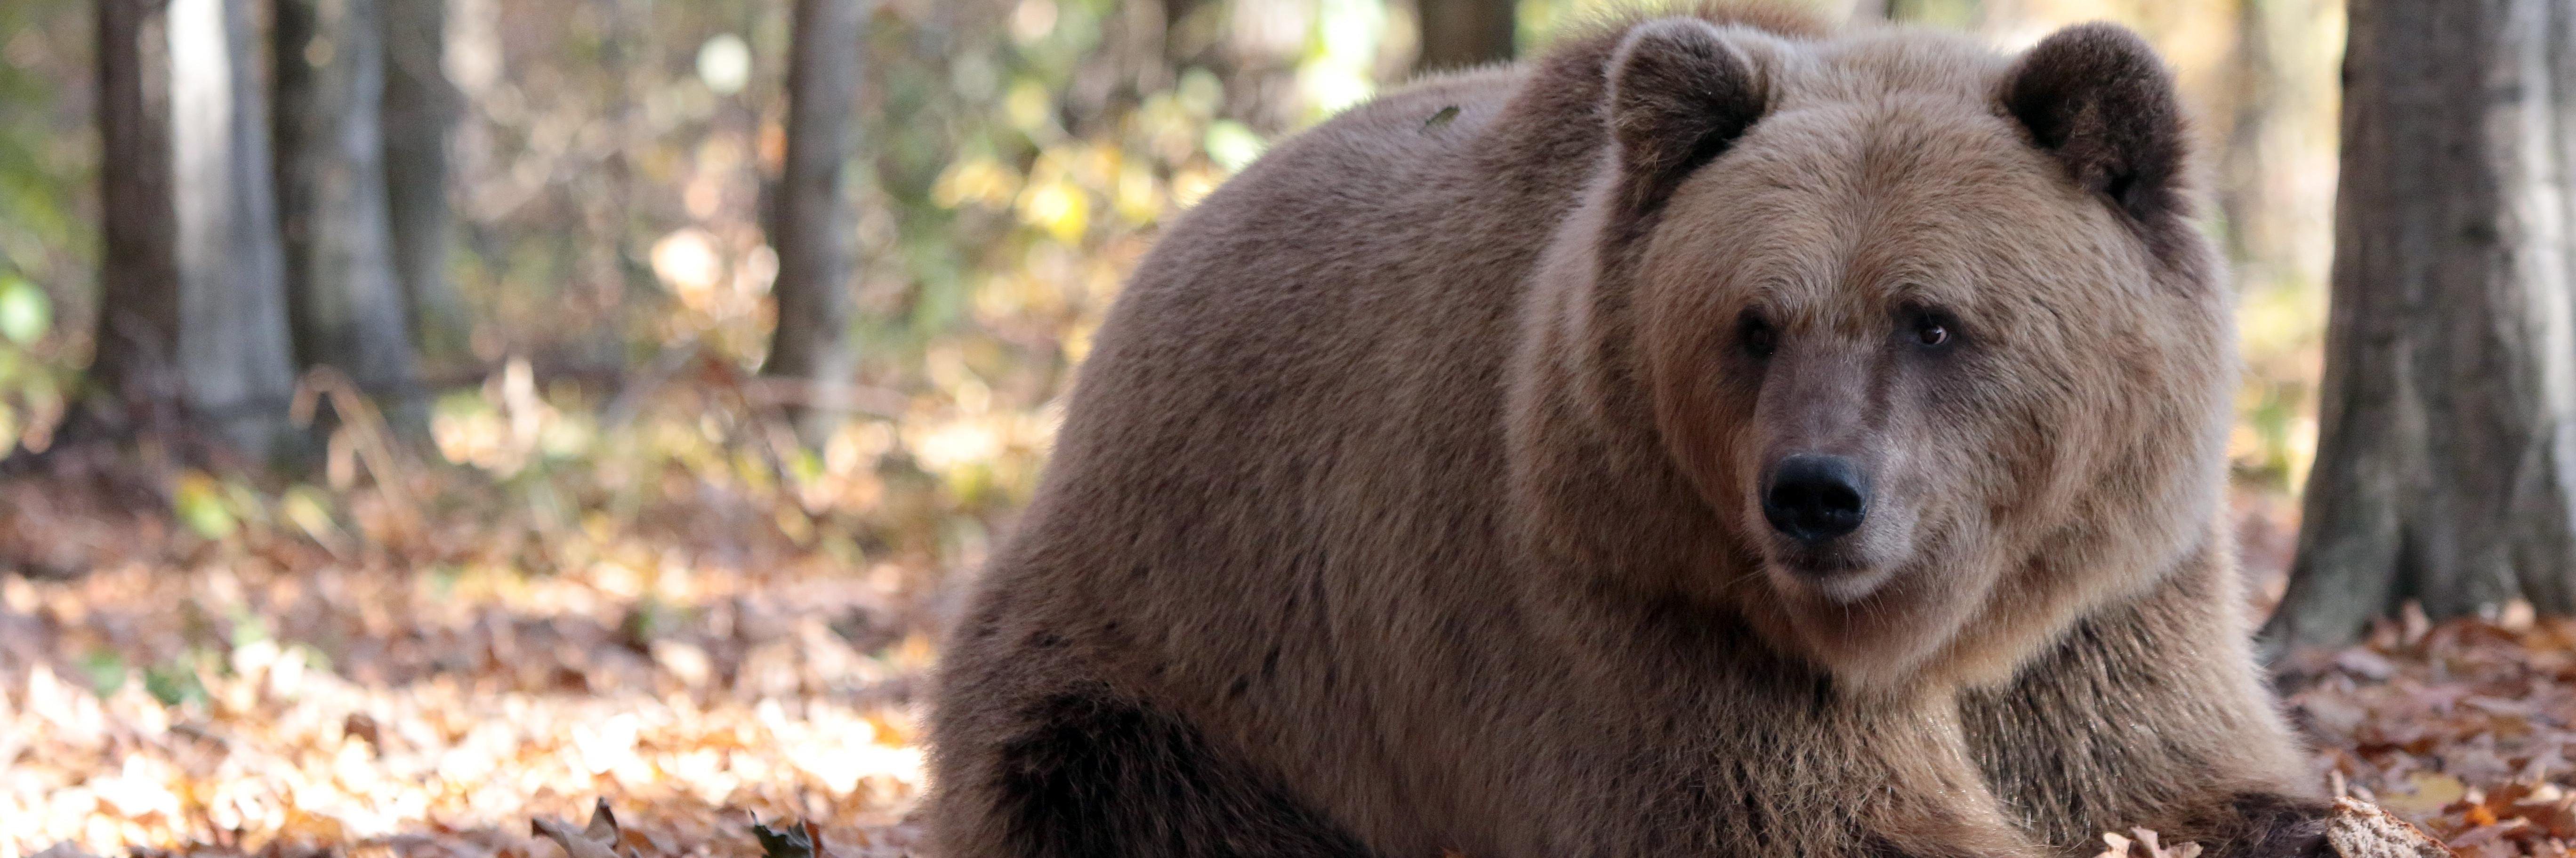 Bear in BEAR SANCTUARY Domazhyr